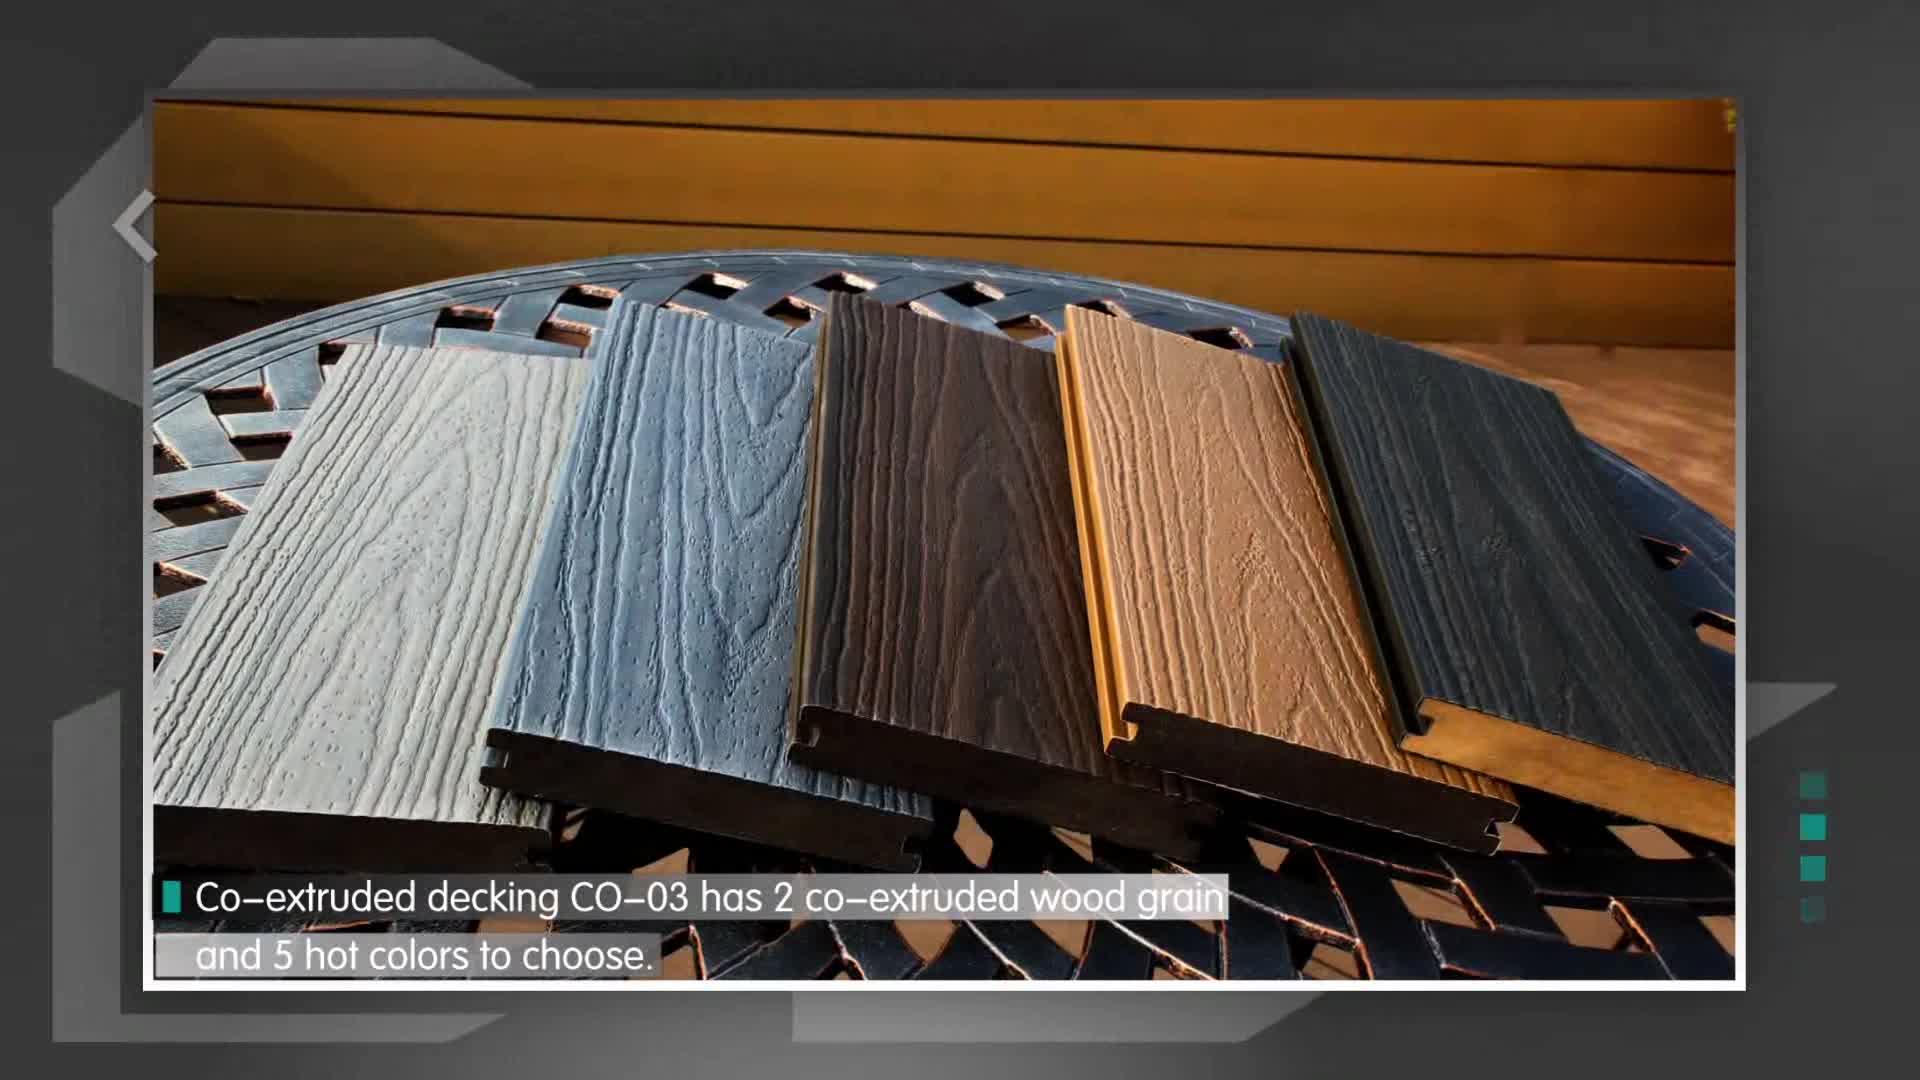 Nouveau Design Plancher Bricolage Cd En Bois Matériaux De Construction Wpc Par Co-extrusion